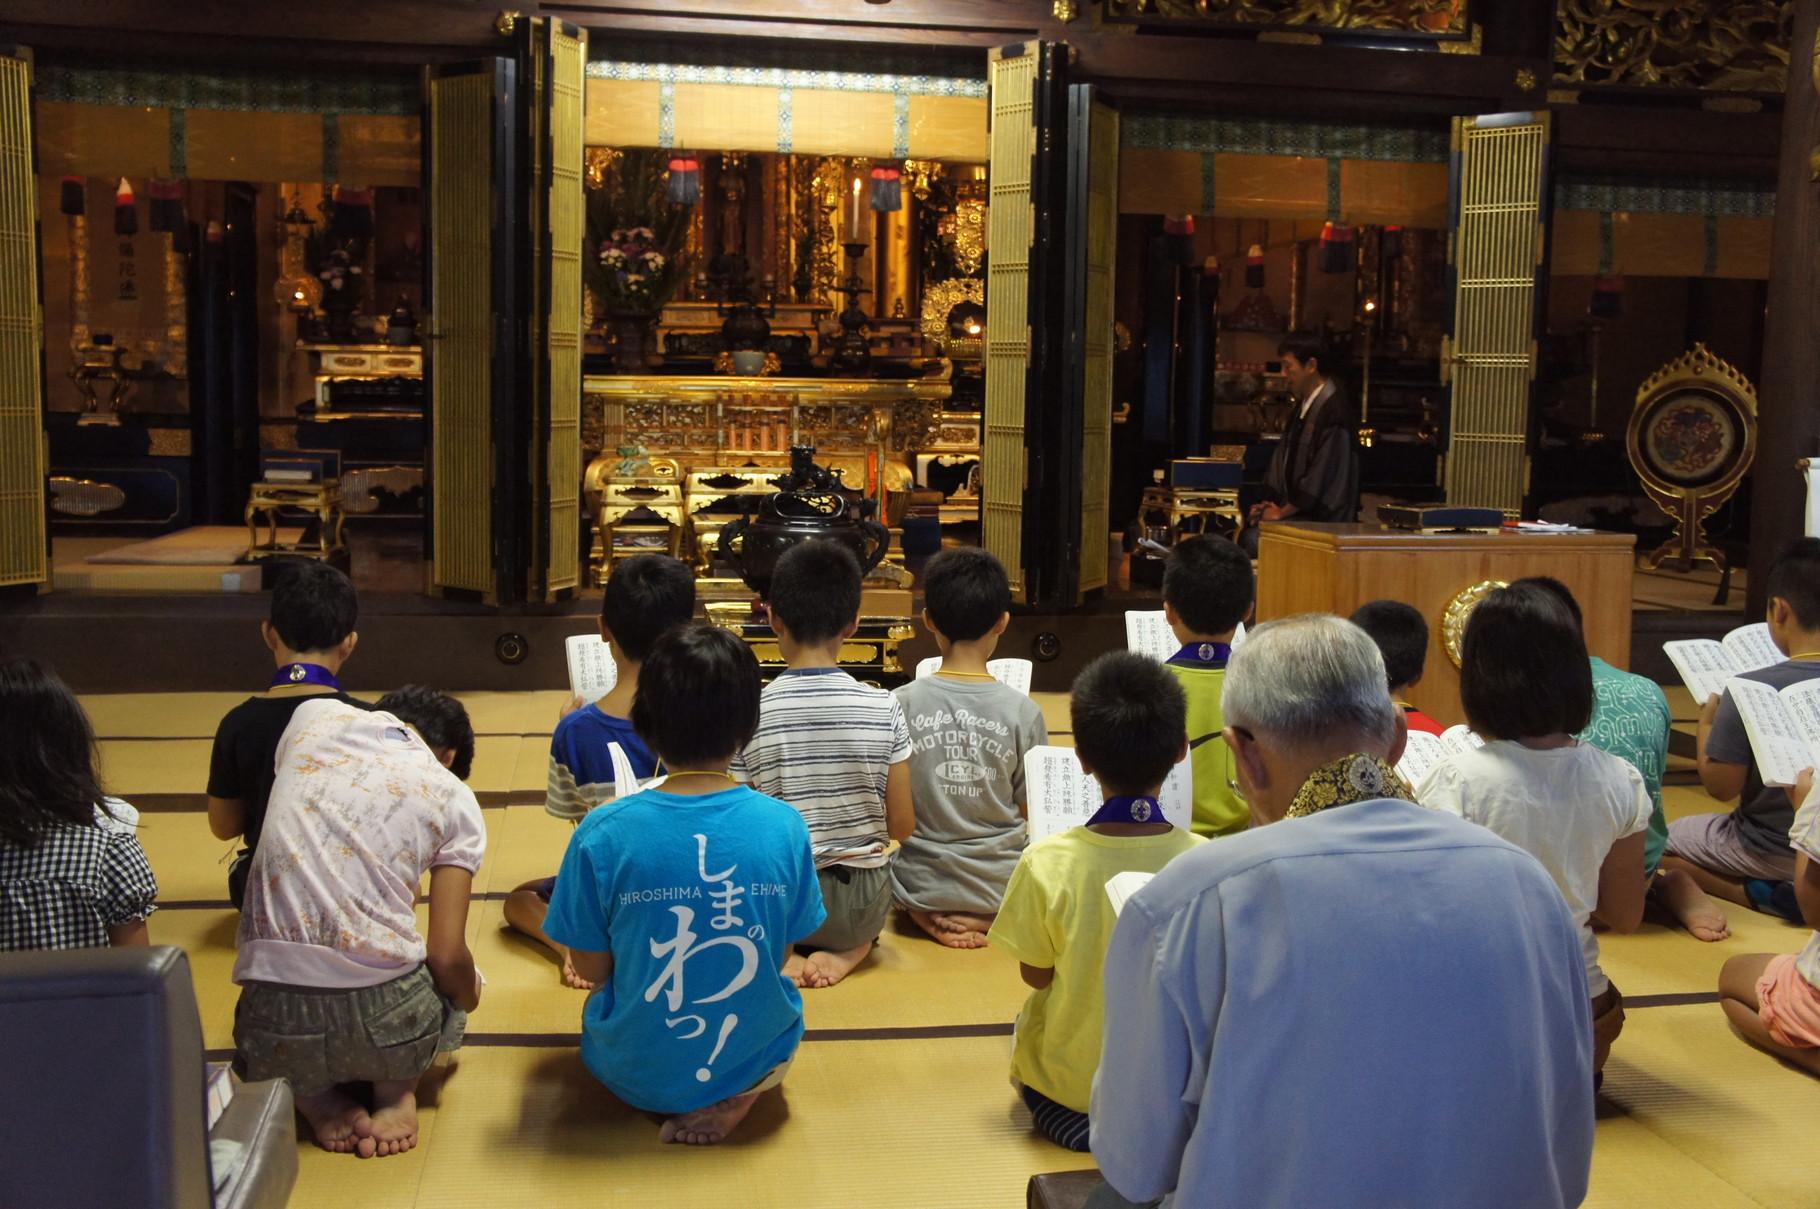 お寺は老若男女が集い、皆が同じように手を合わすことのできる場所♪